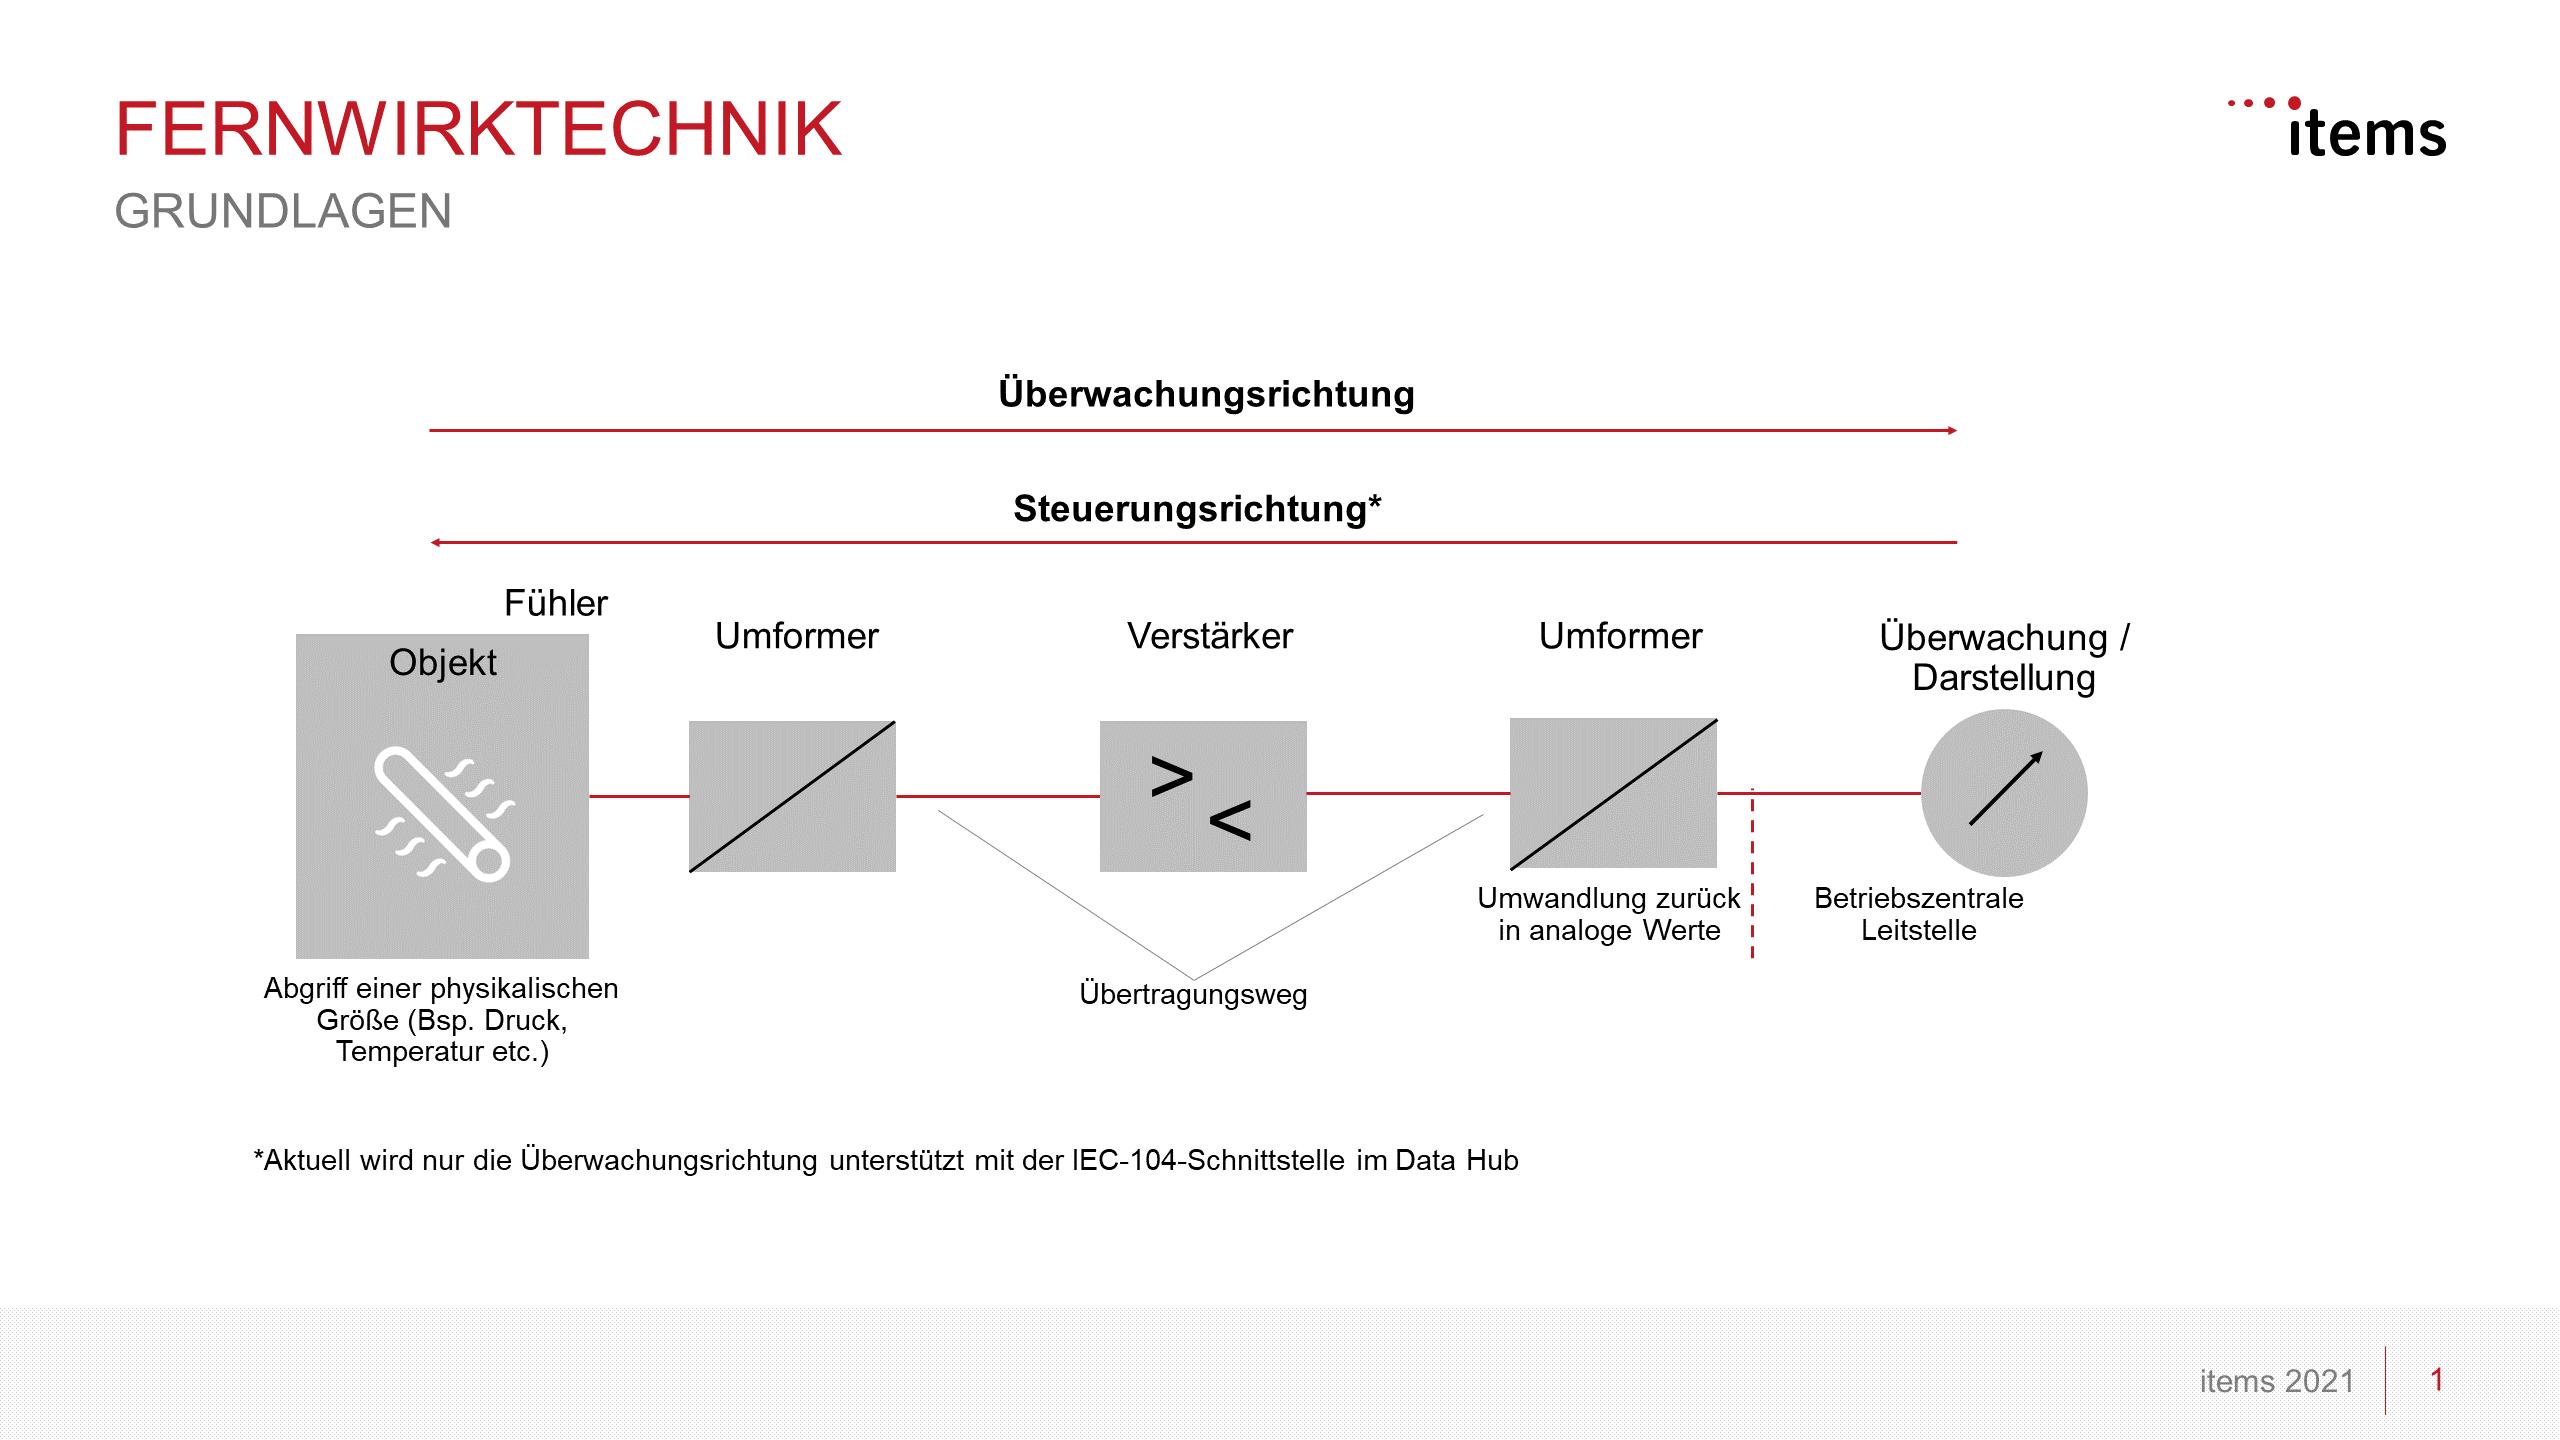 Grundlegende Beschreibung der Fernwirktechnik